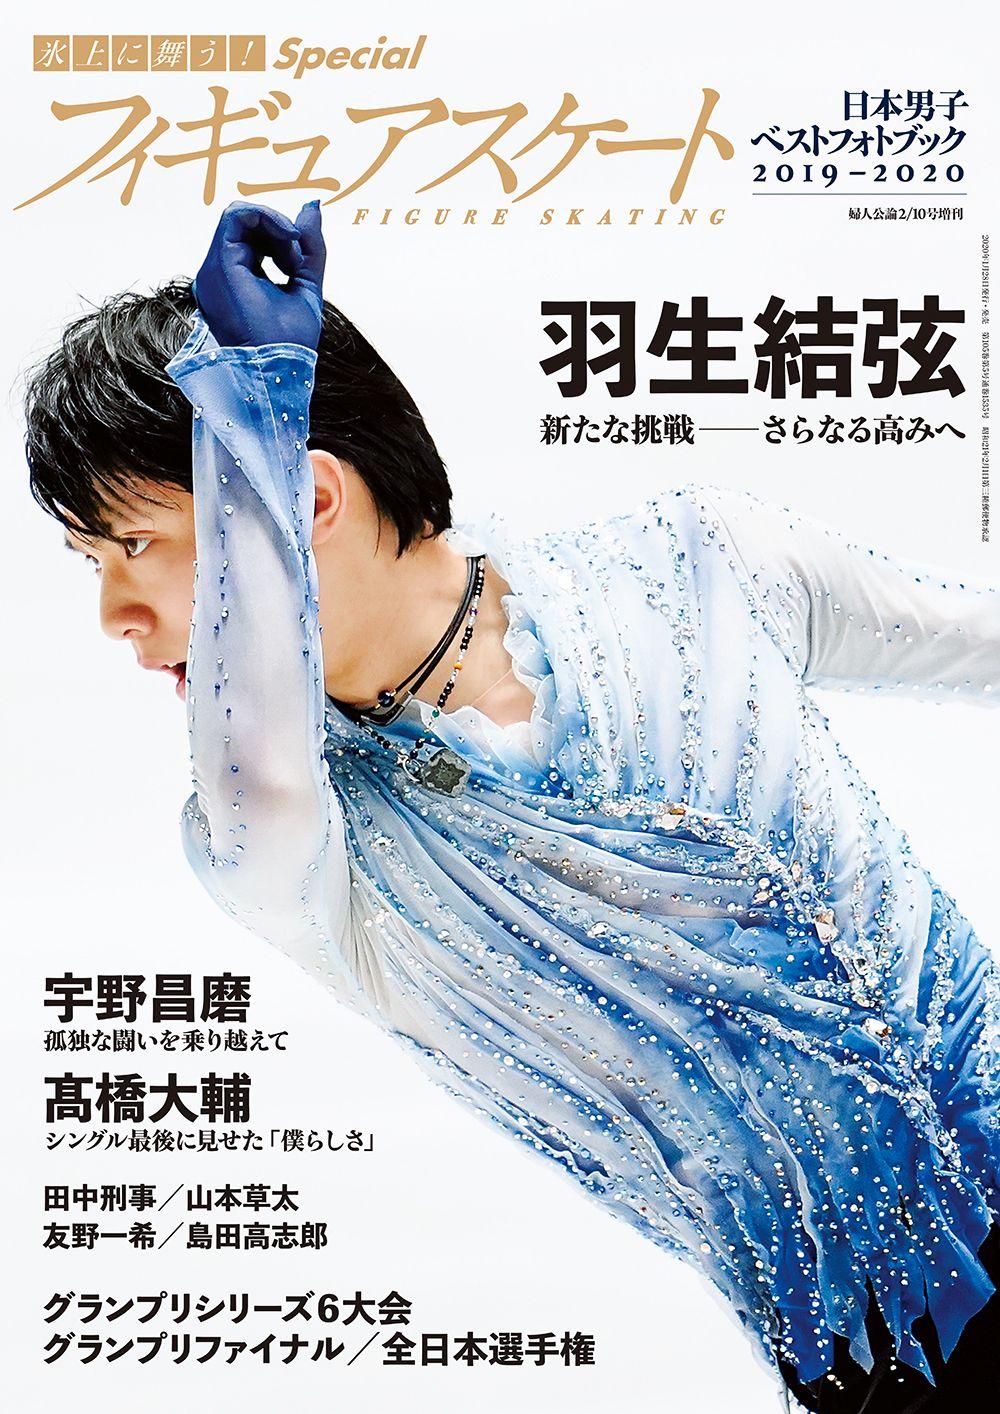 フィギュア スケート 2019 2020